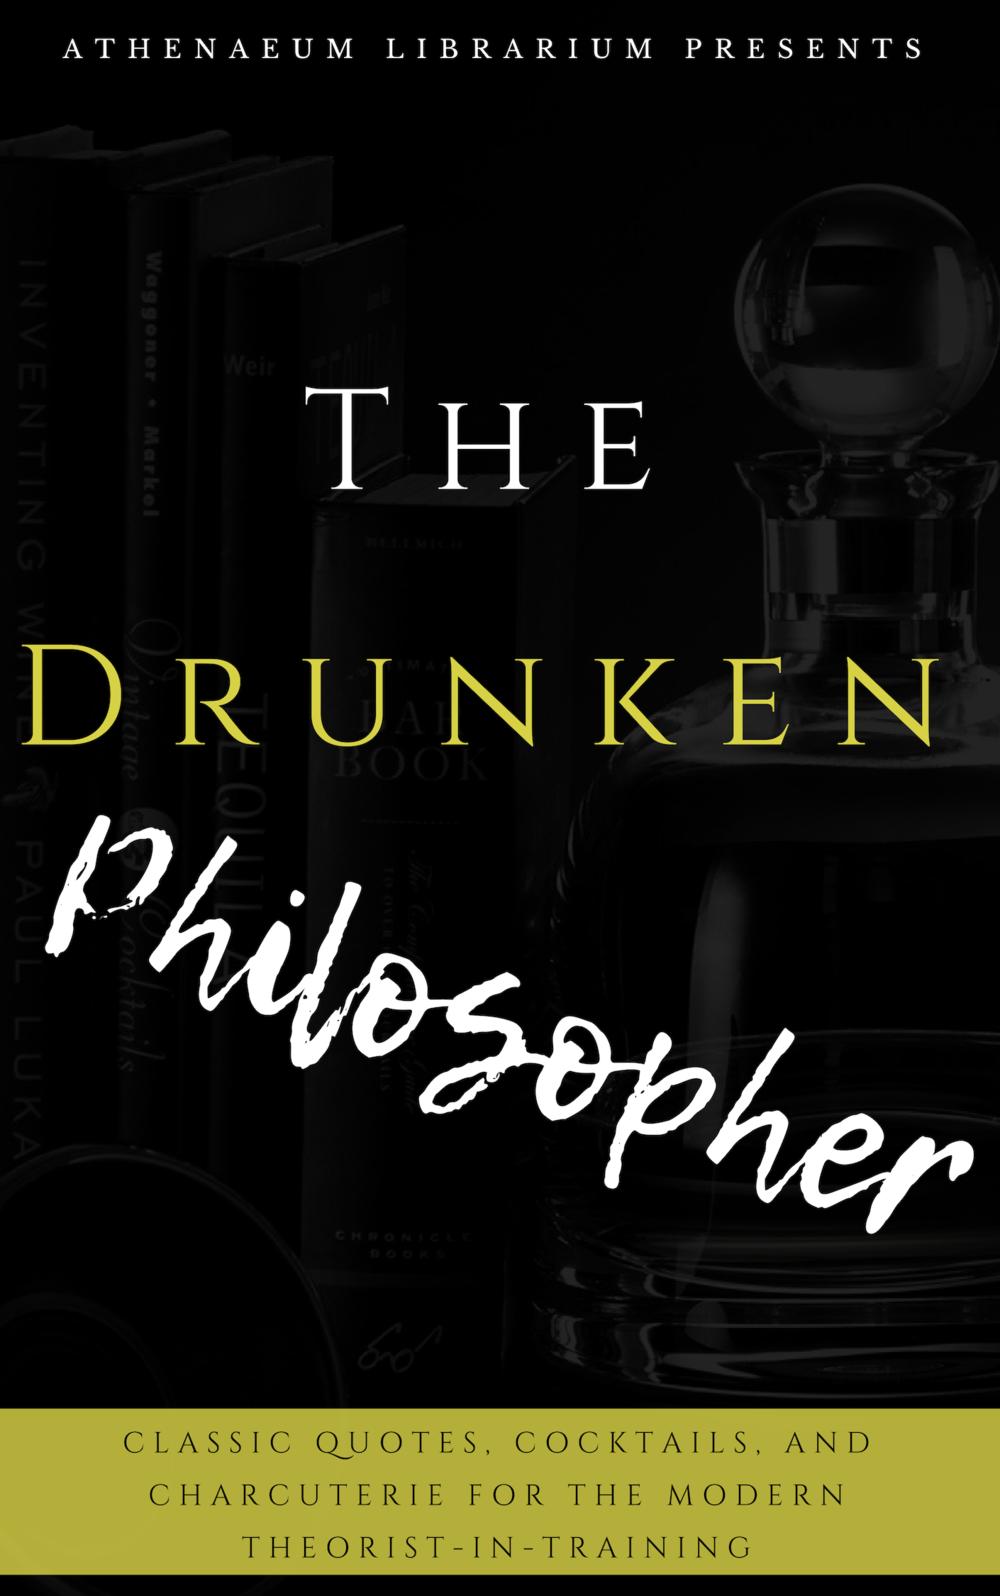 Drunken Philosopher.png